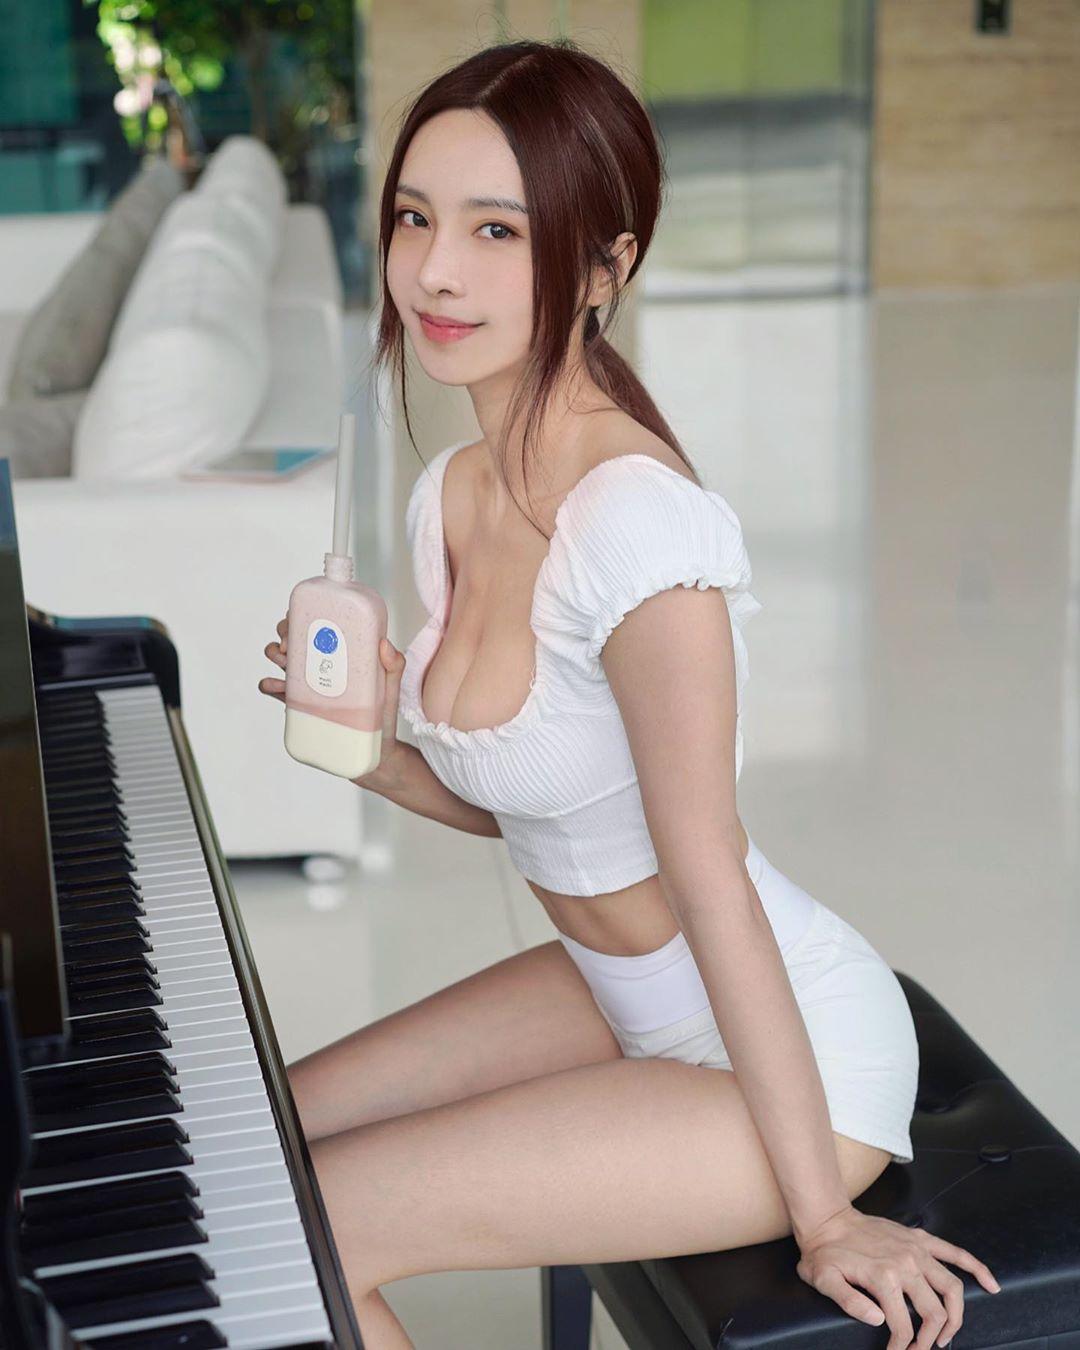 【片】巨乳鋼琴女神李元玲「倒奶」彈琴 網友:專注唔到